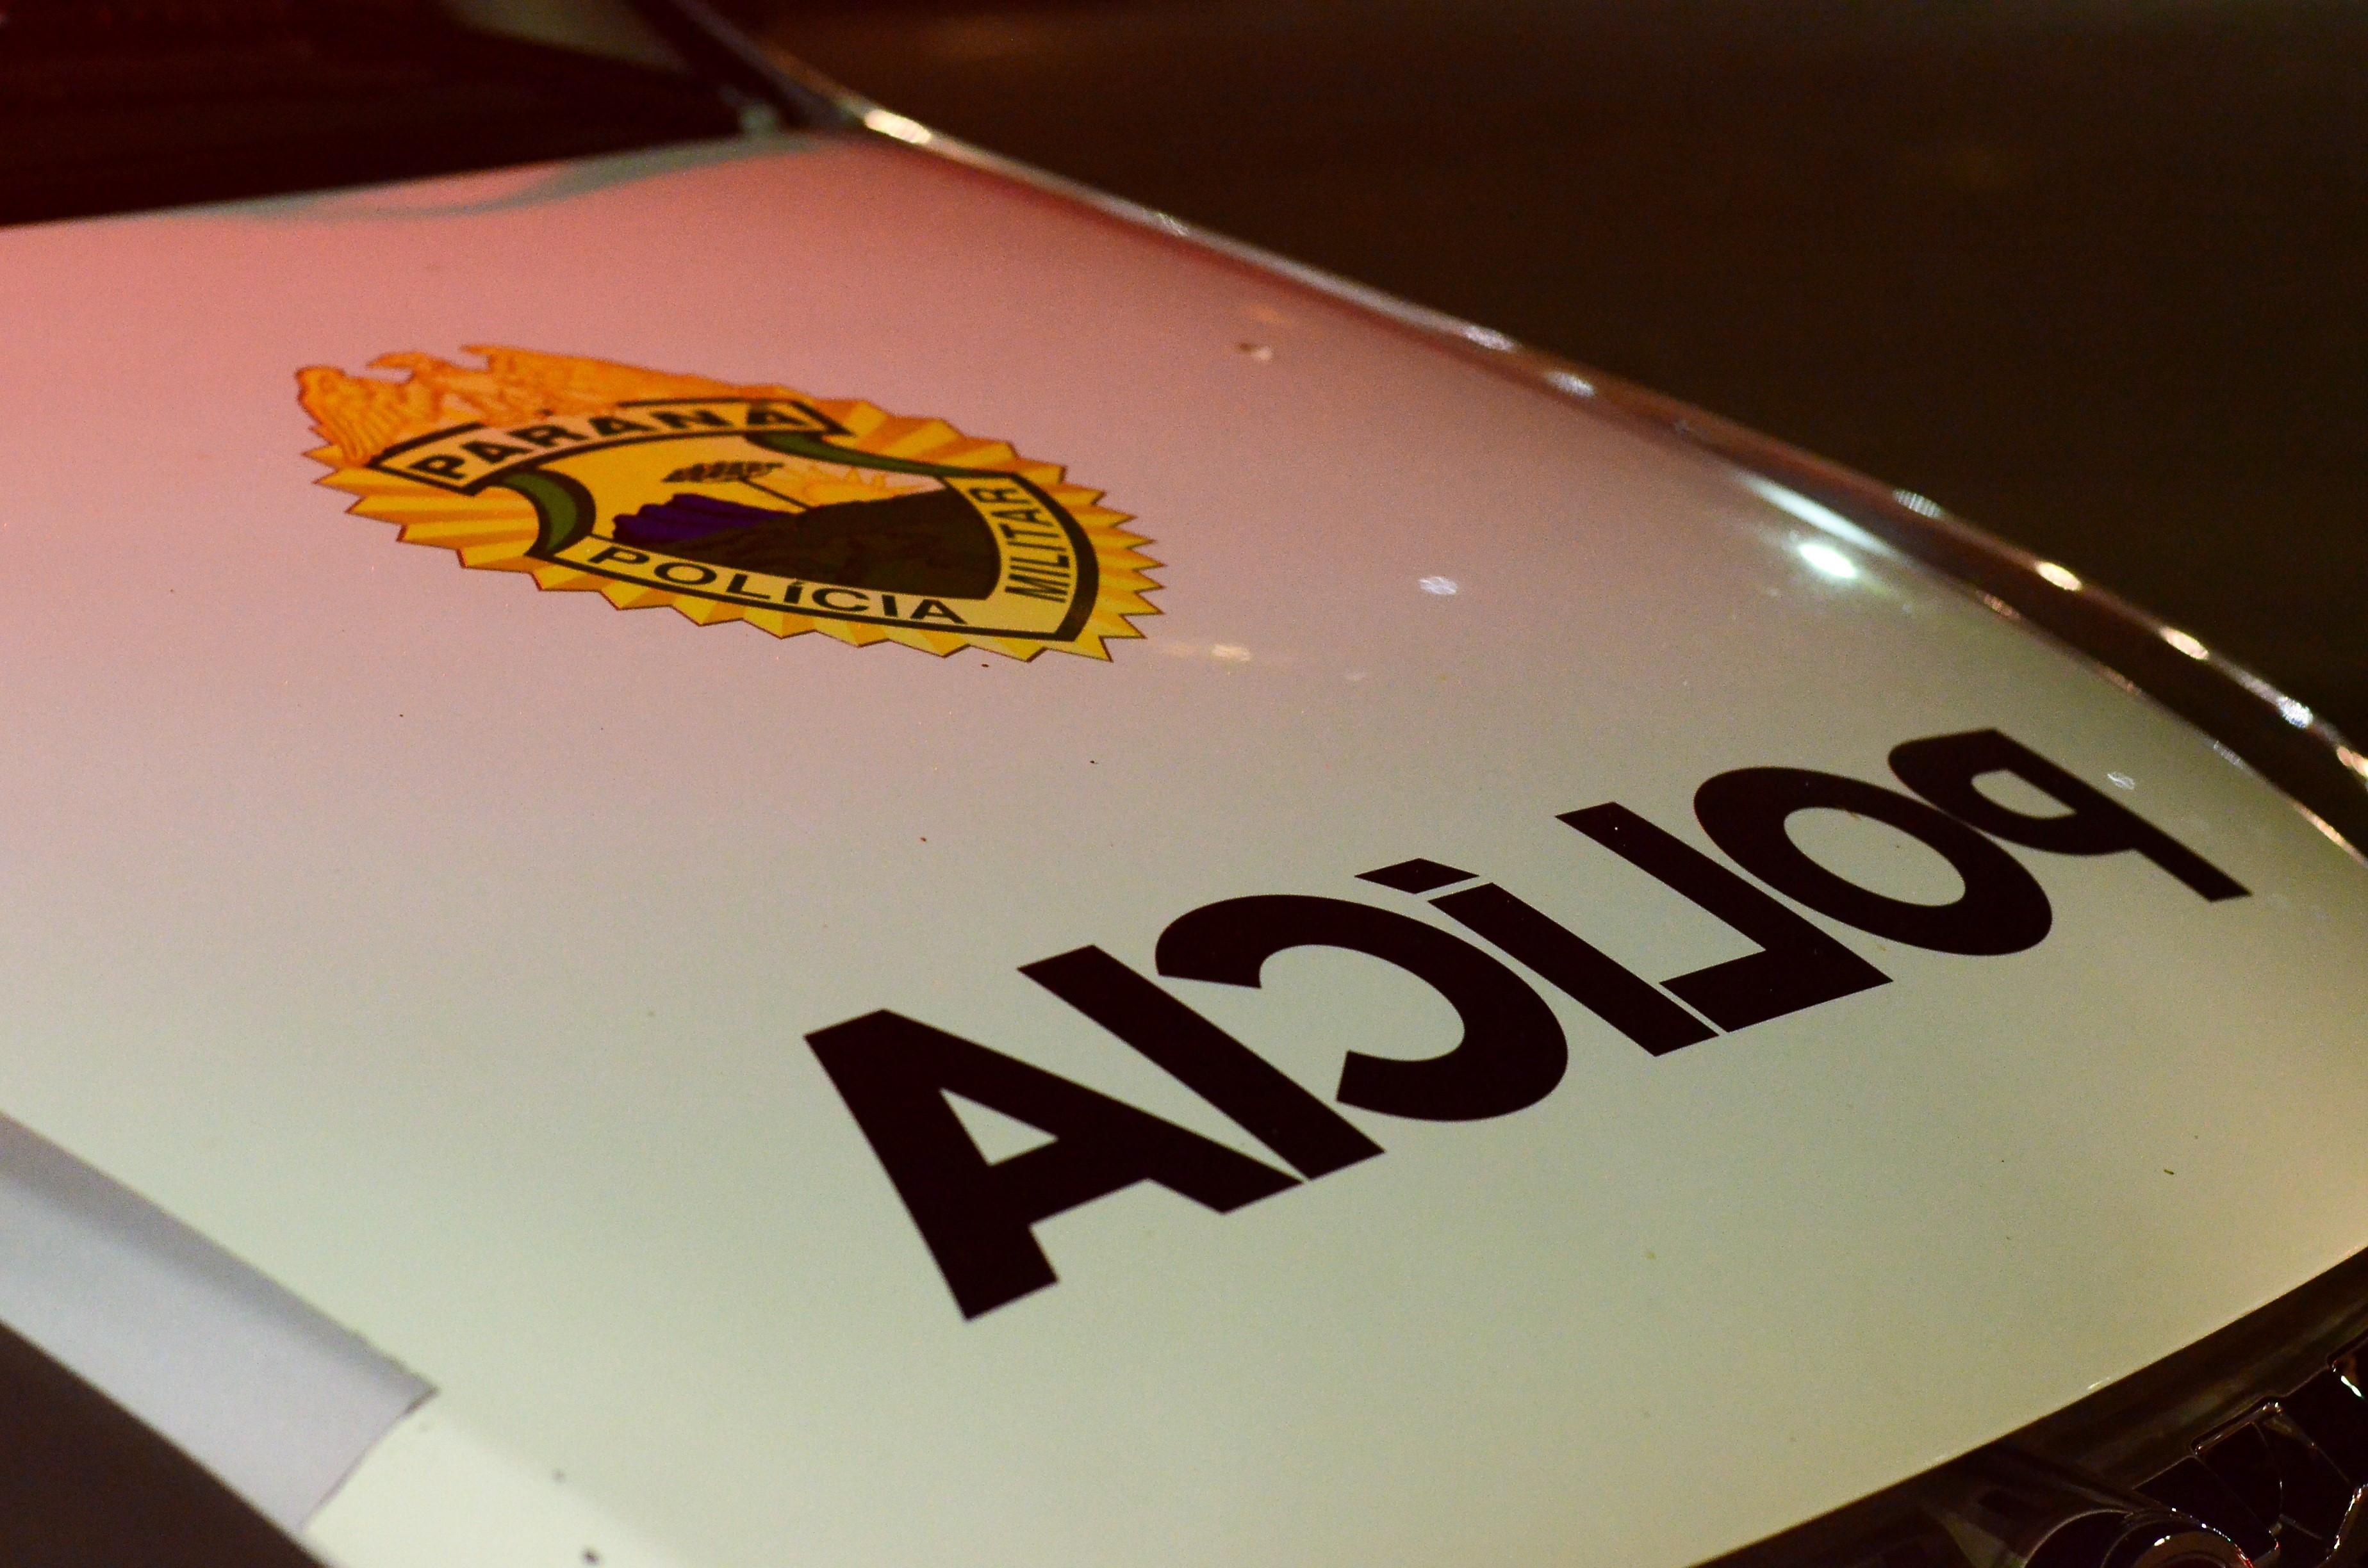 Suspeito de furto é preso ao tentar fugir com toca CD dentro da bermuda